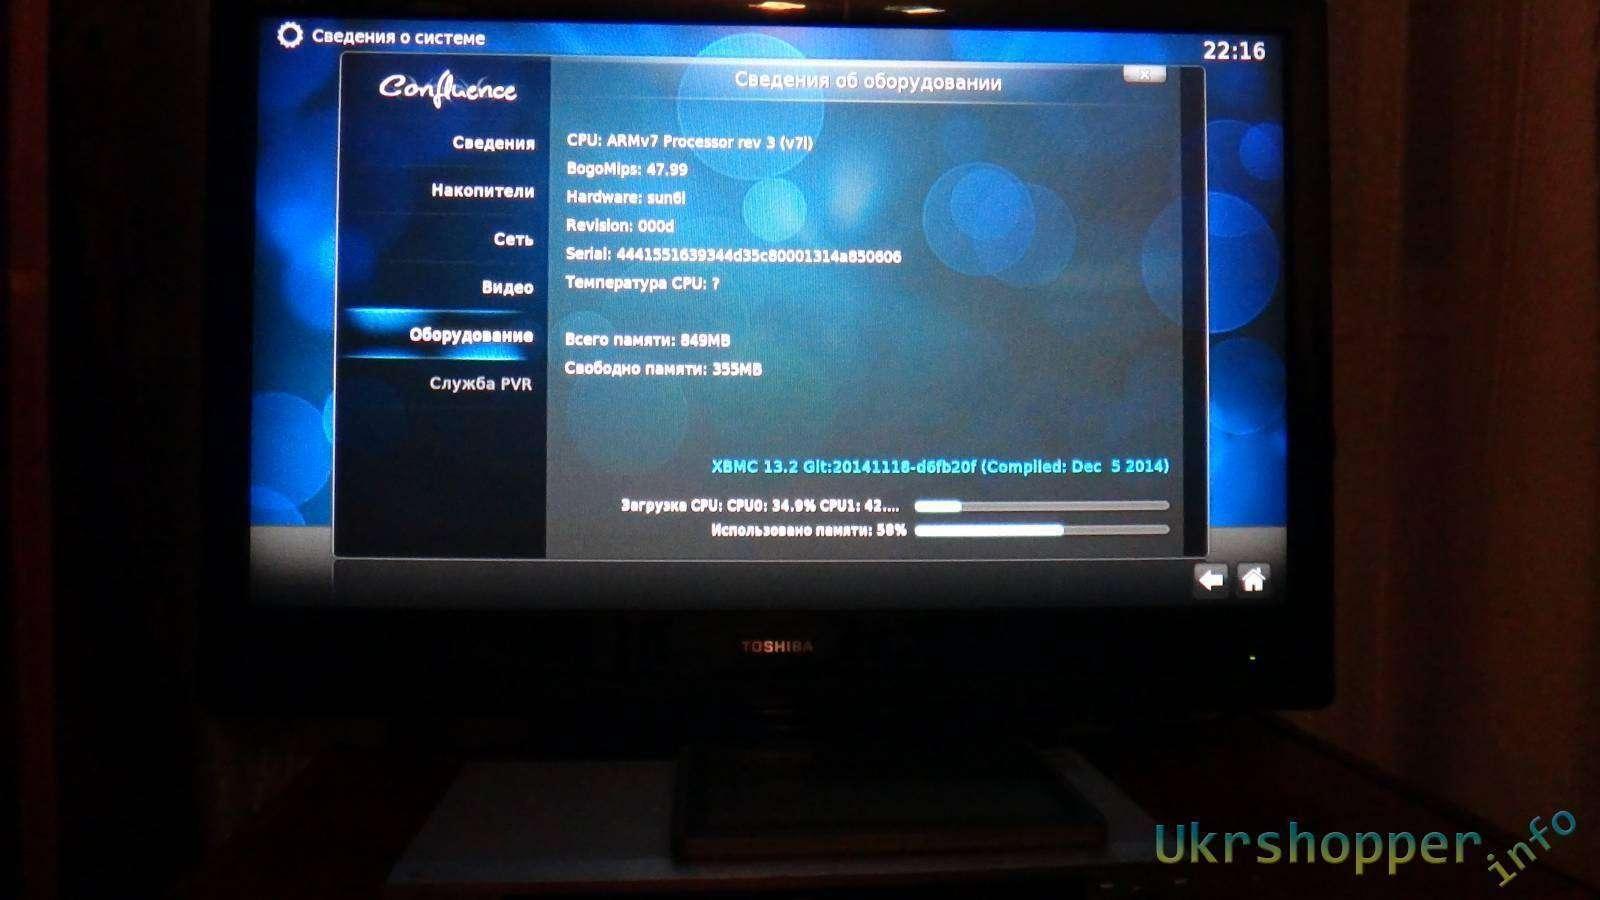 Geekbuying: Медиа плеер - домашний комбайн для развлечений VidOn Box A31S